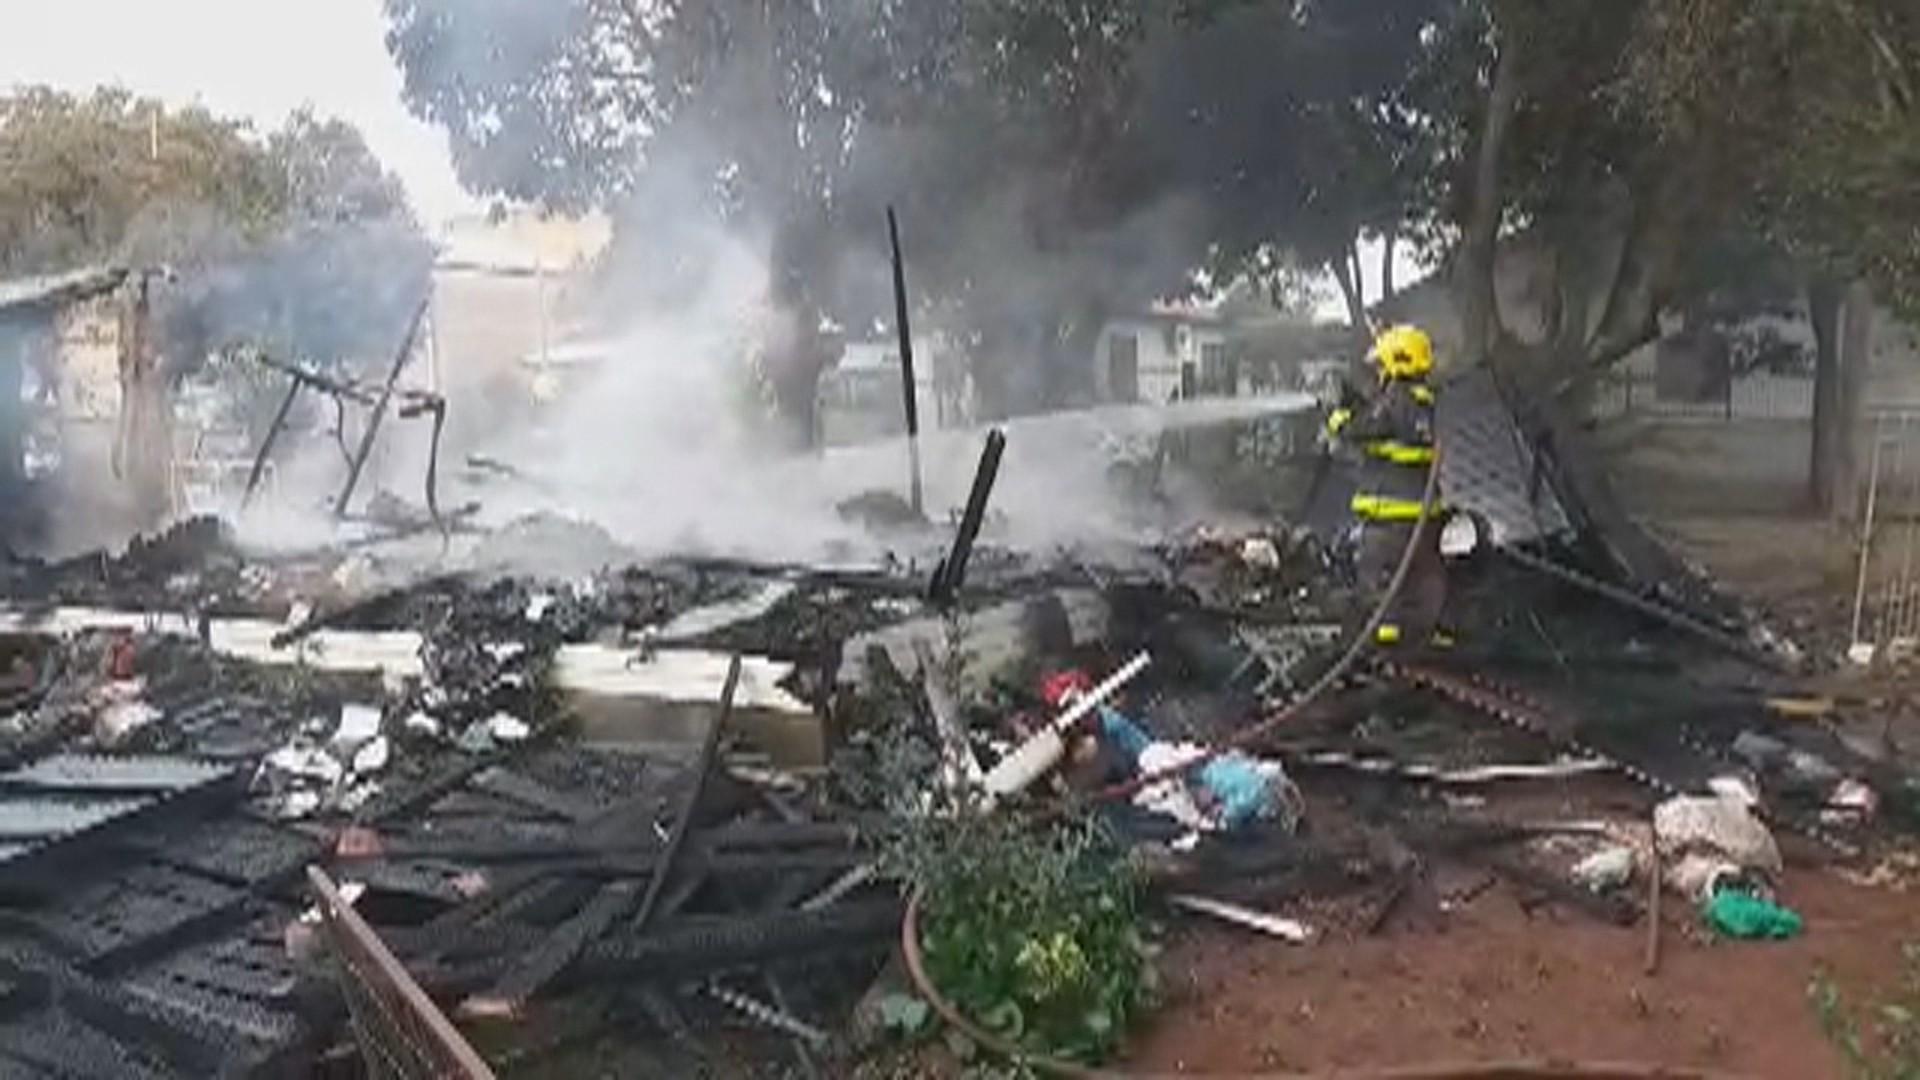 Homem morre após incêndio de casa em Ijuí, diz Corpo de Bombeiros